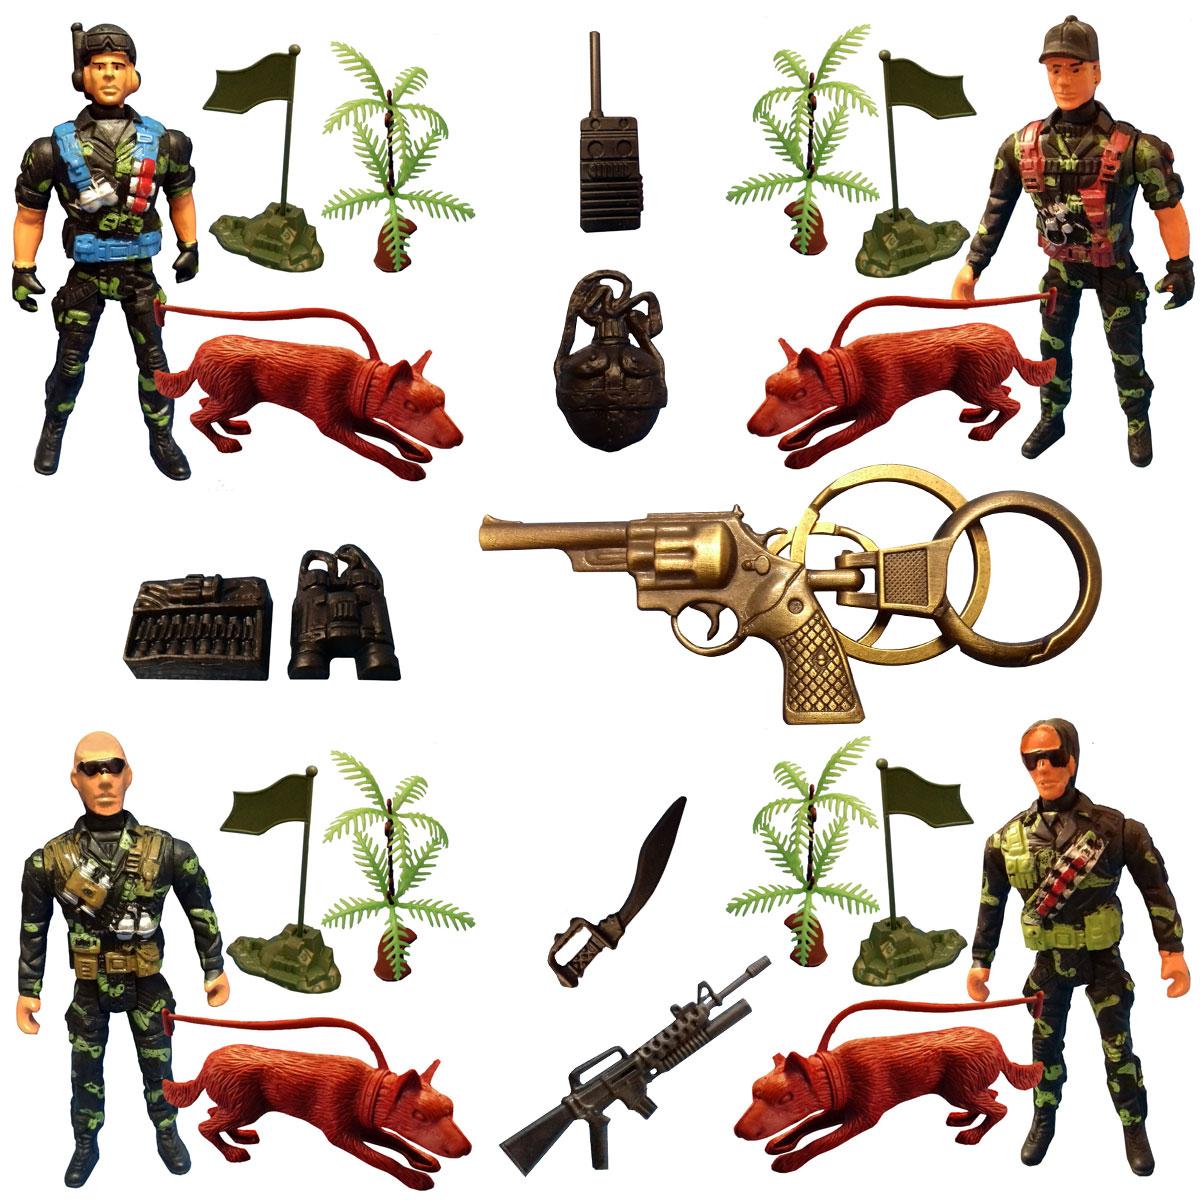 اسباب بازی جنگی مدل سرباز کد SOL6 مجموعه 23 عددی